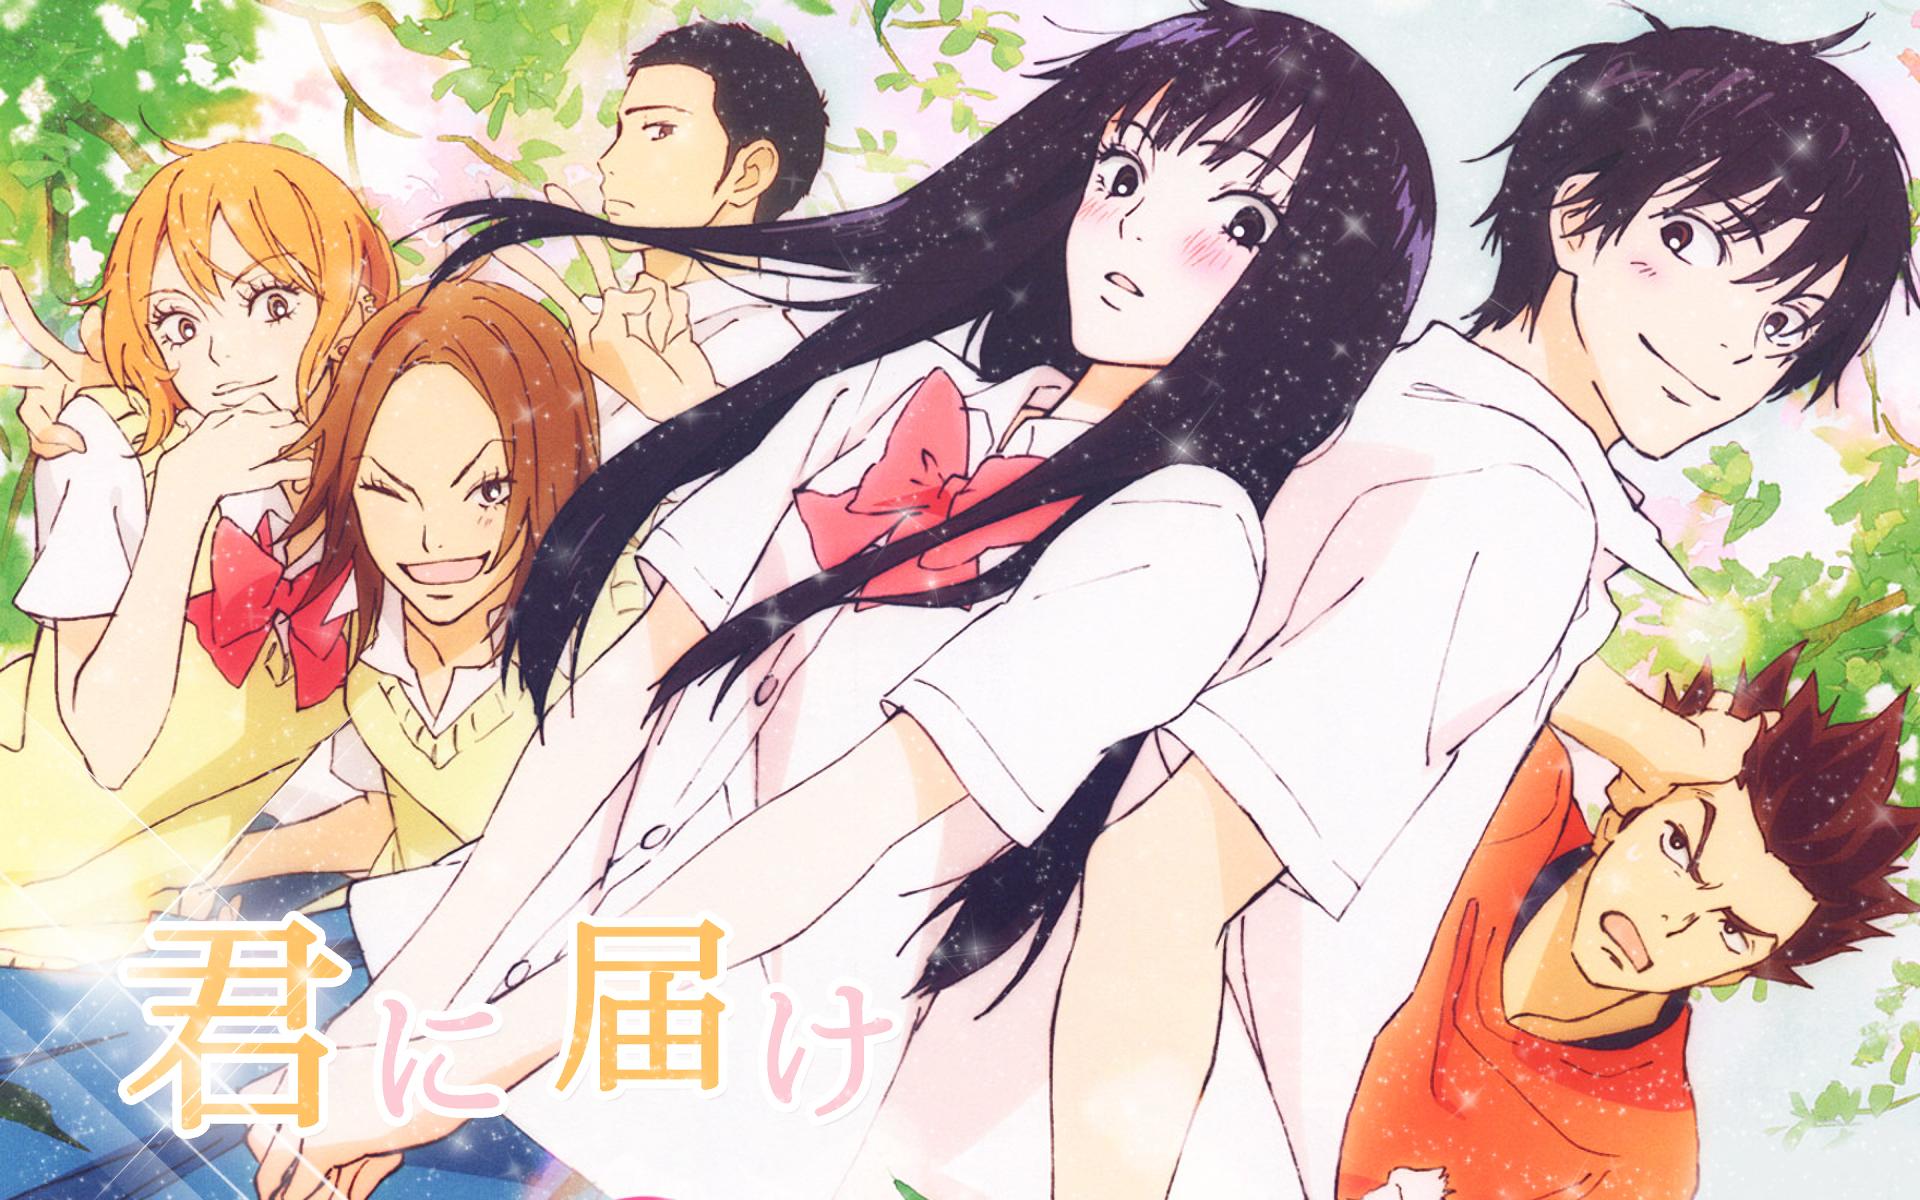 Kimi Ni Todoke Hd Wallpaper Background Image 1920x1200 Id